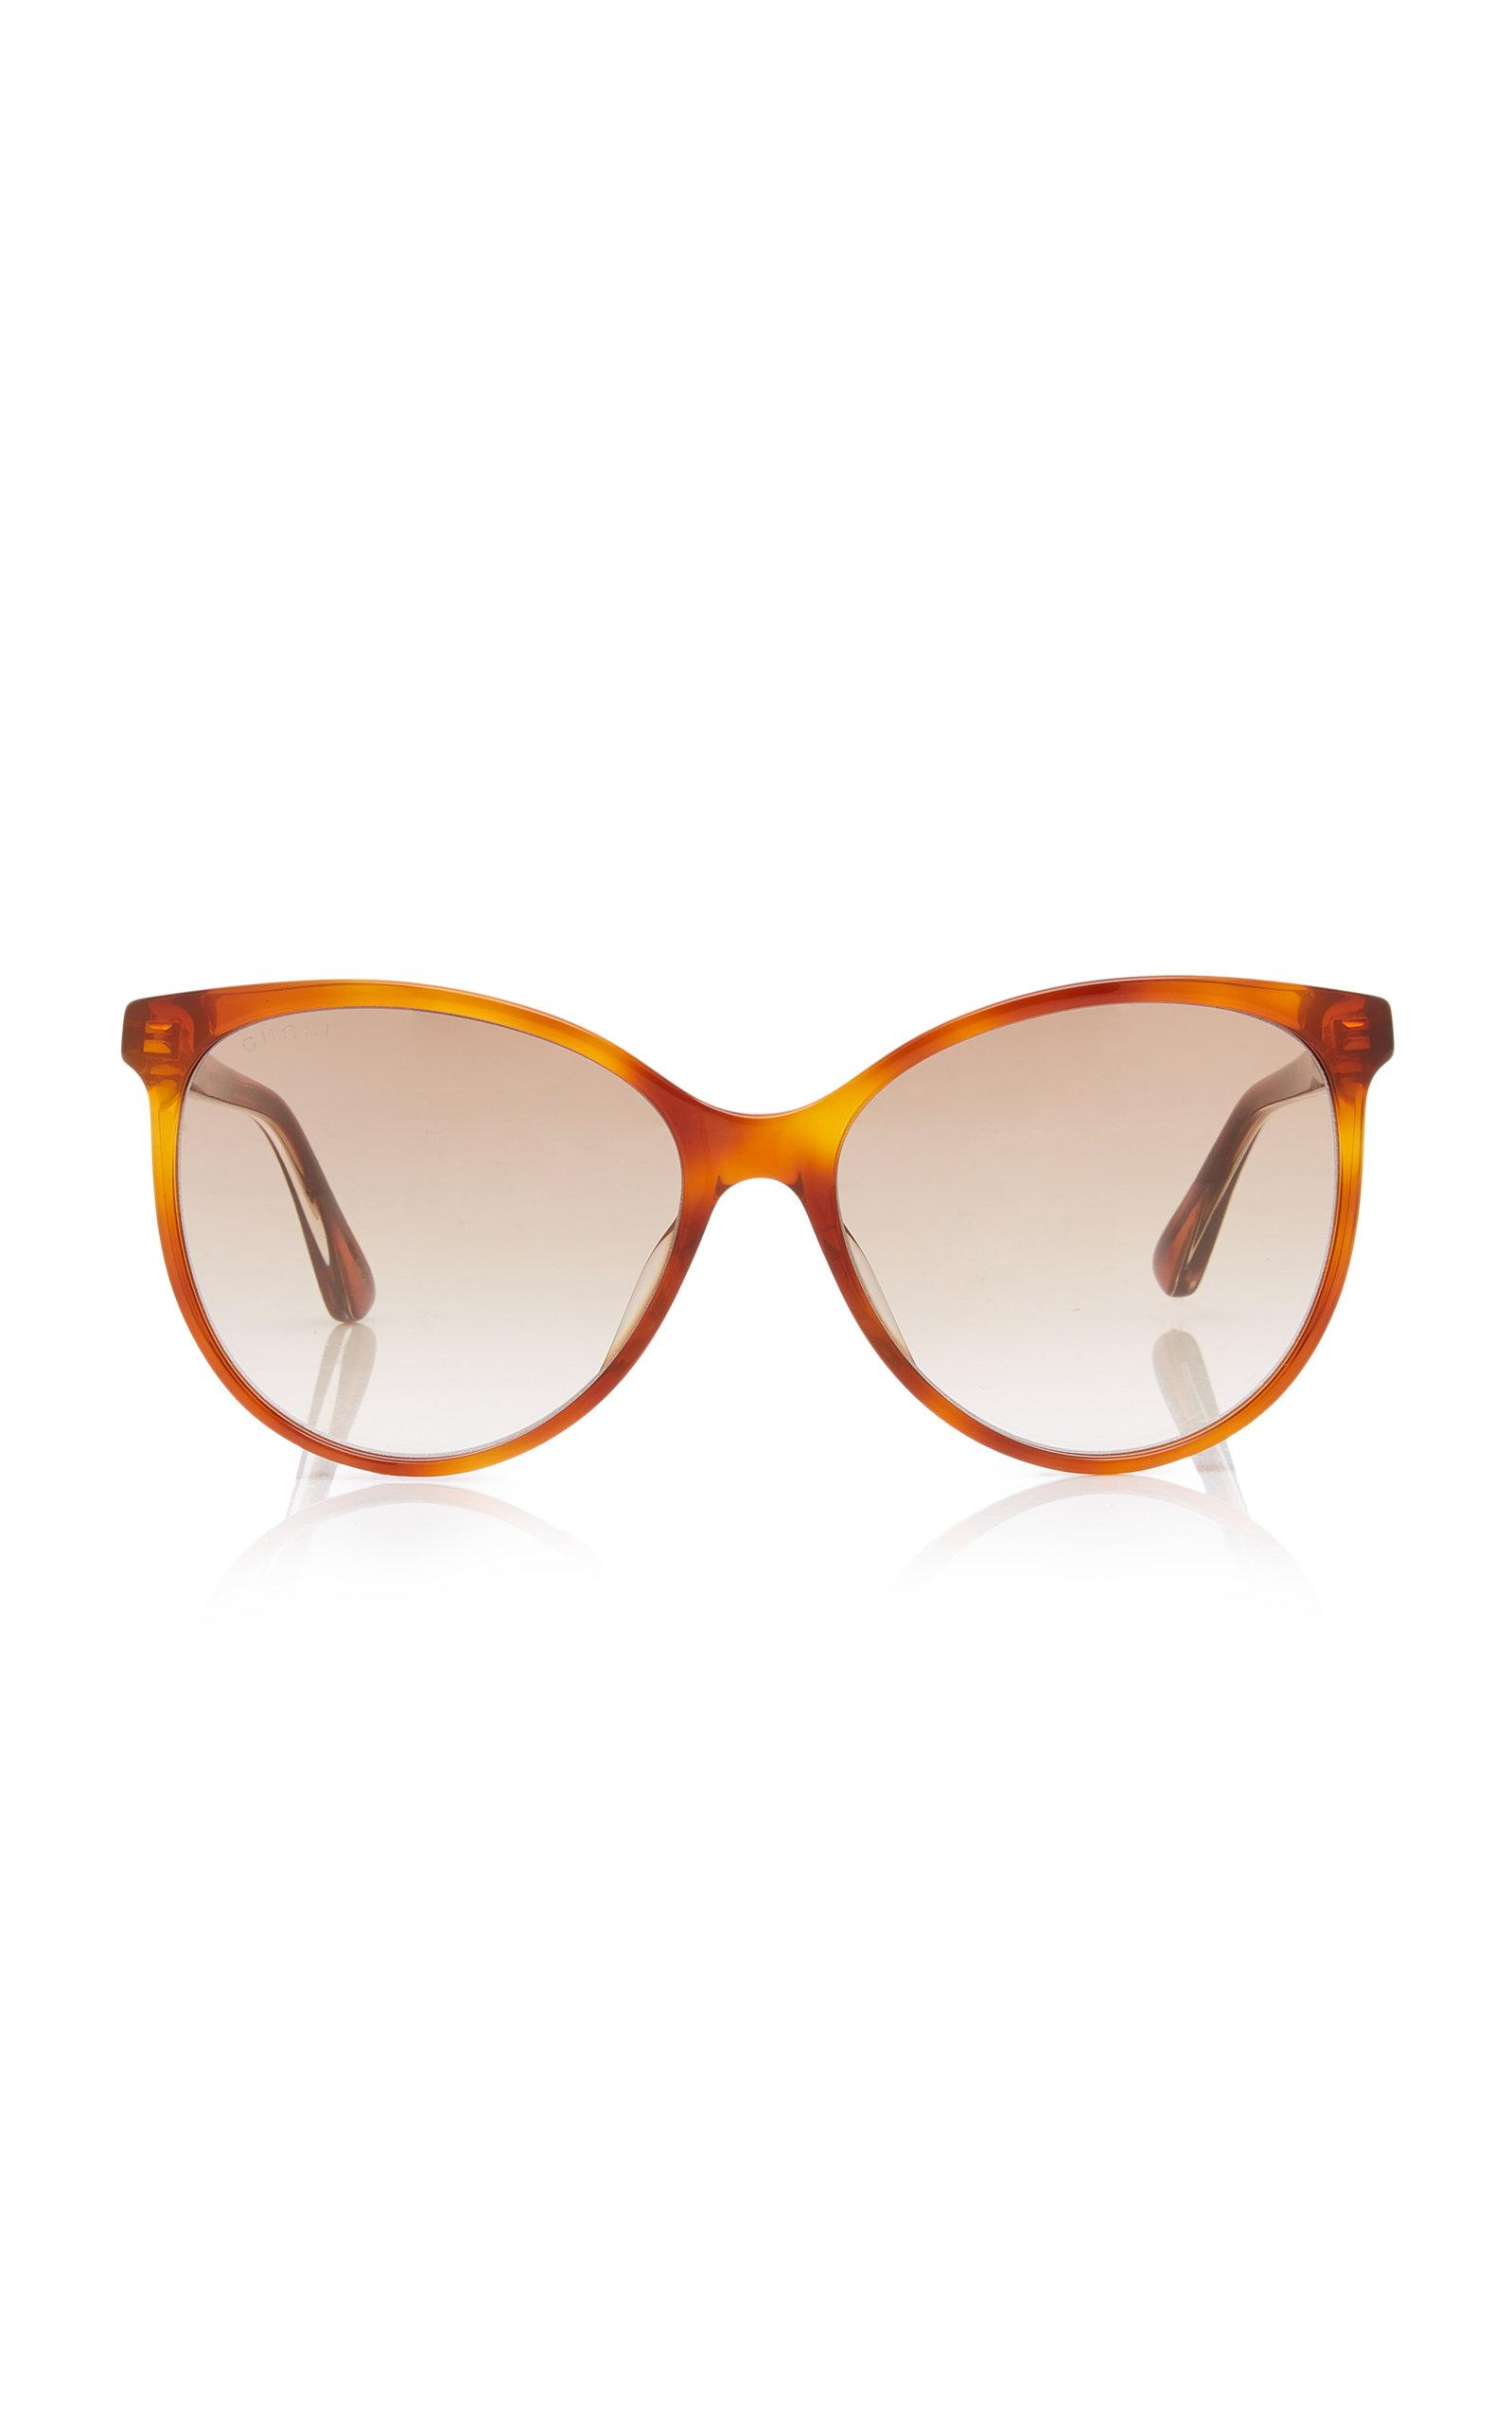 d7a6cbef1df Gucci Web Acetate Cat-eye Sunglasses in Brown - Lyst